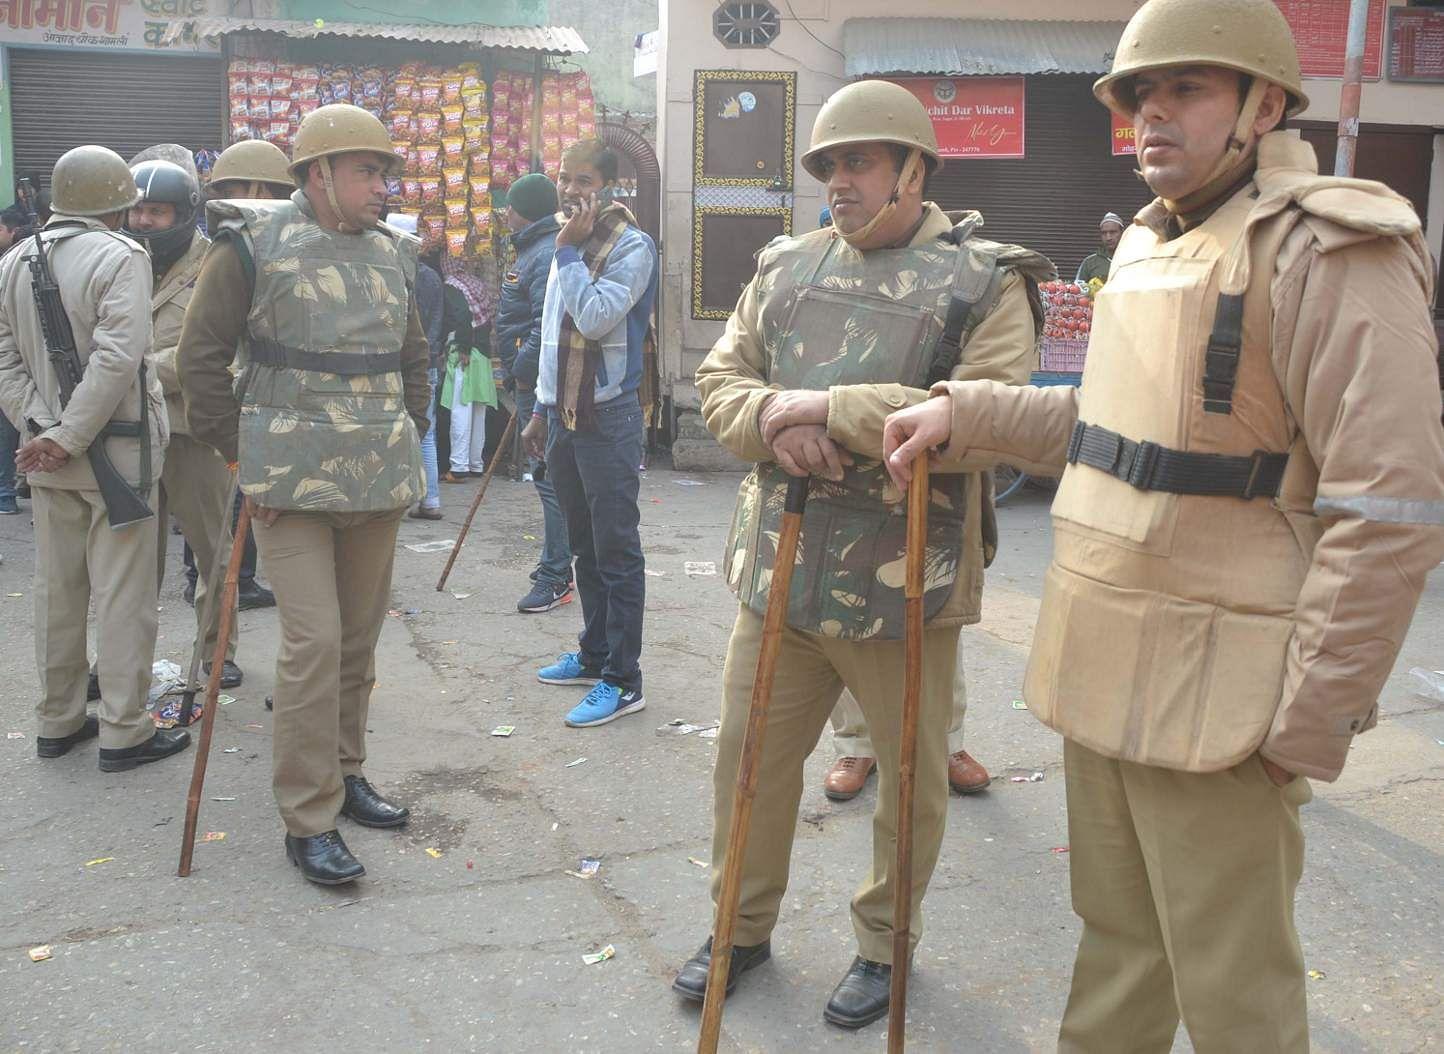 शामली आजाद चौक में तैनात पुलिसकर्मी  व पीएसएसी के जवान।